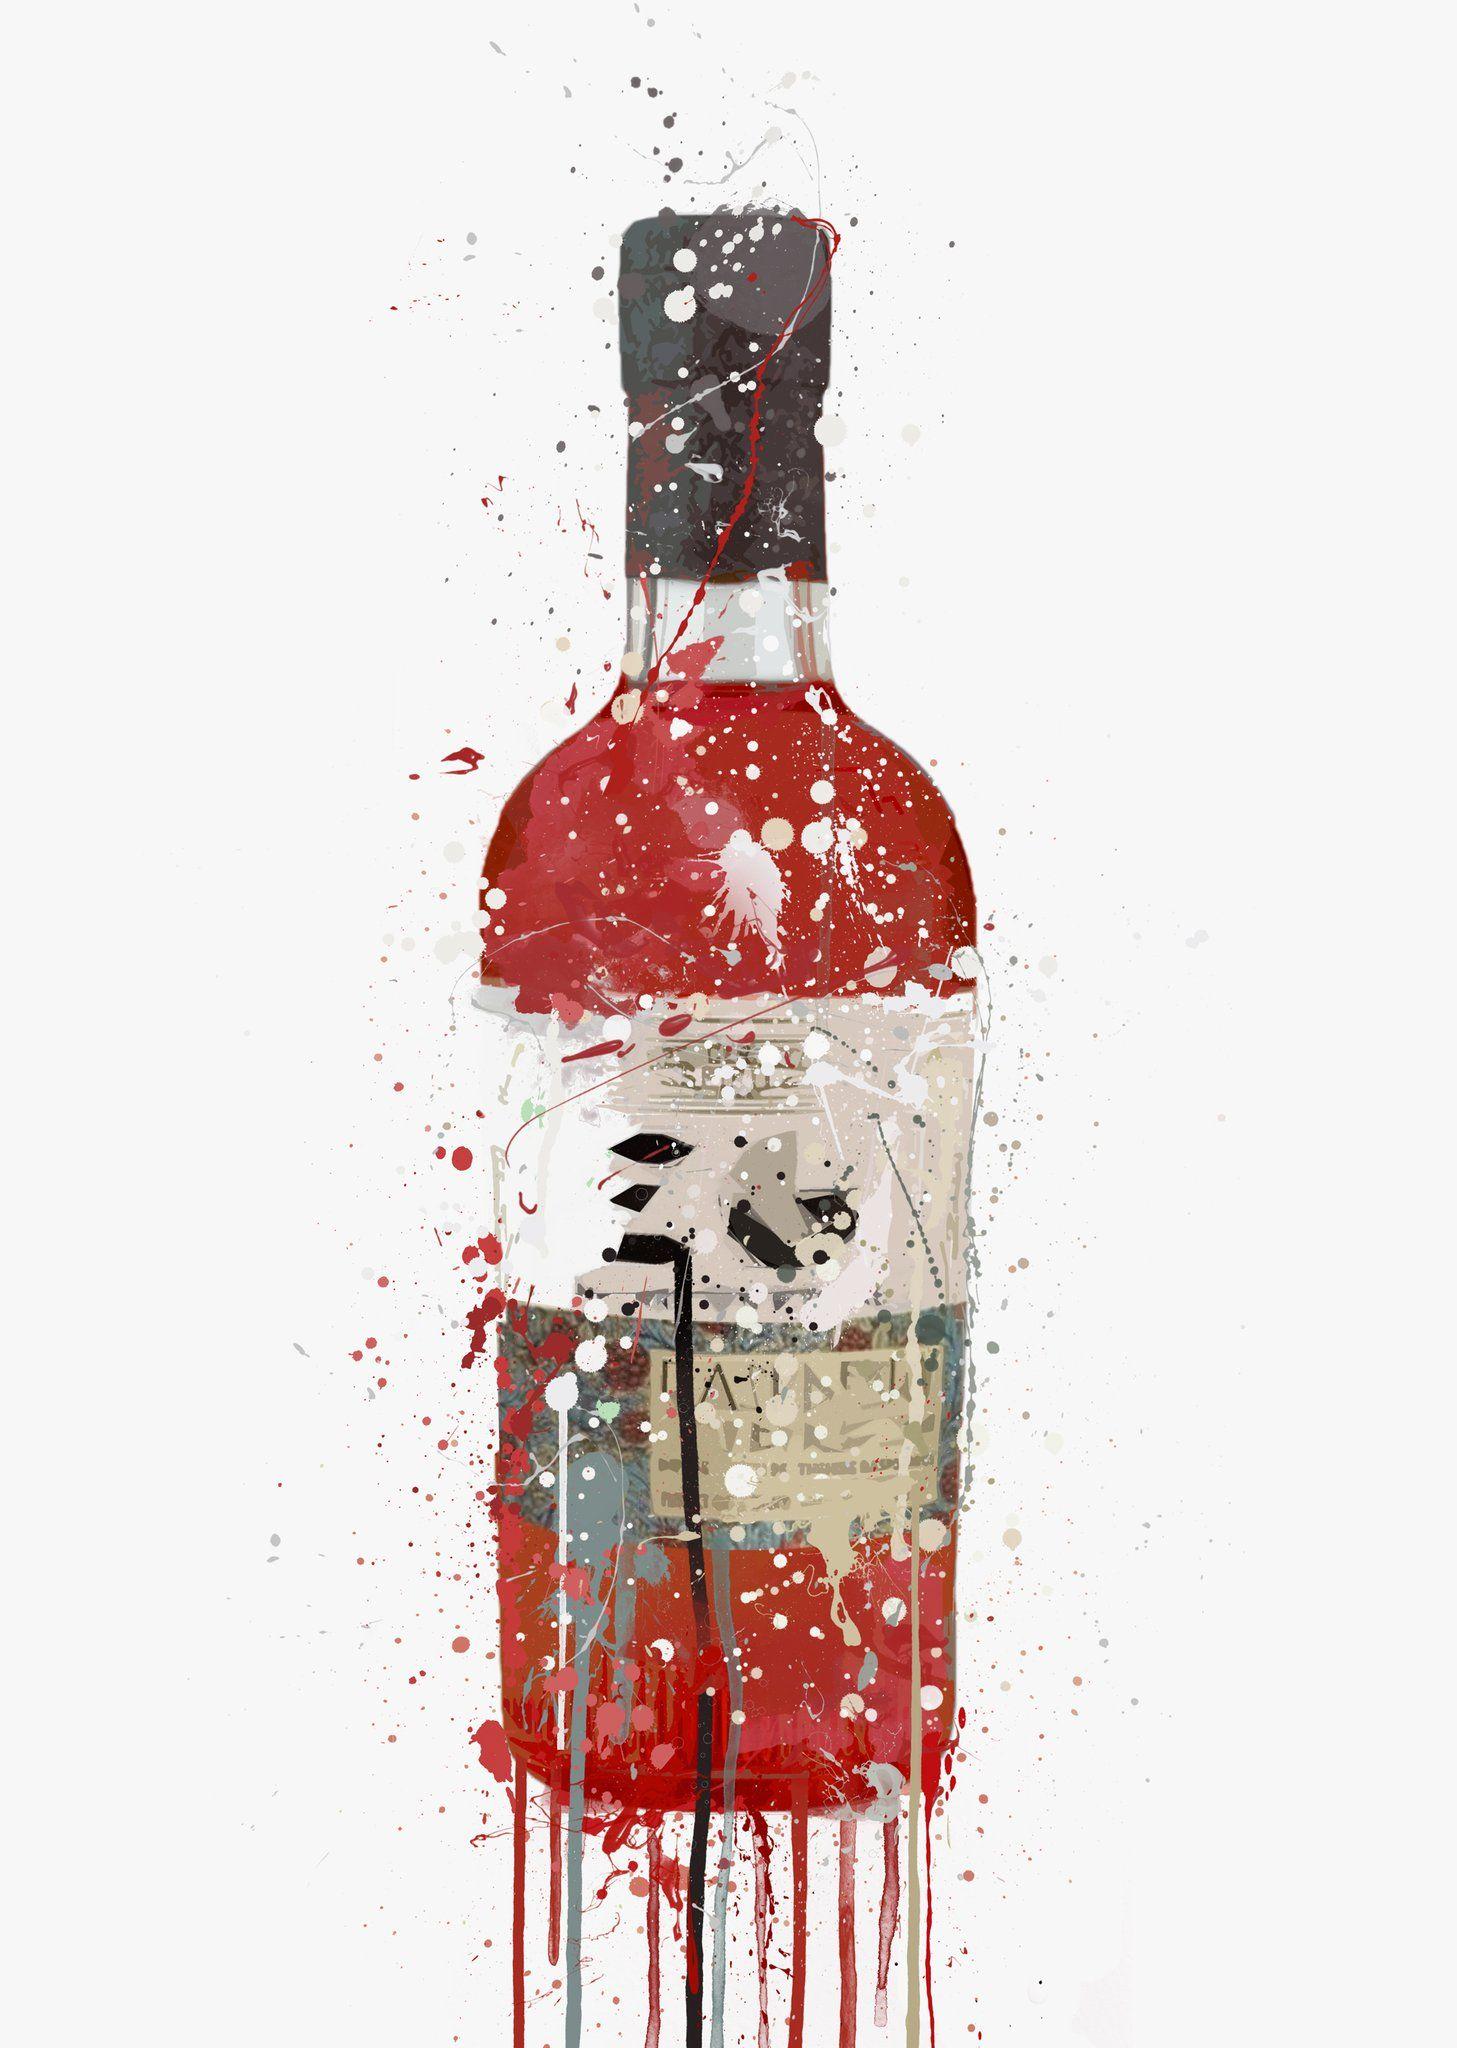 Gin Bottle Wall Art Print Berry In 2020 Wall Art Prints Bottle Wall Wall Art